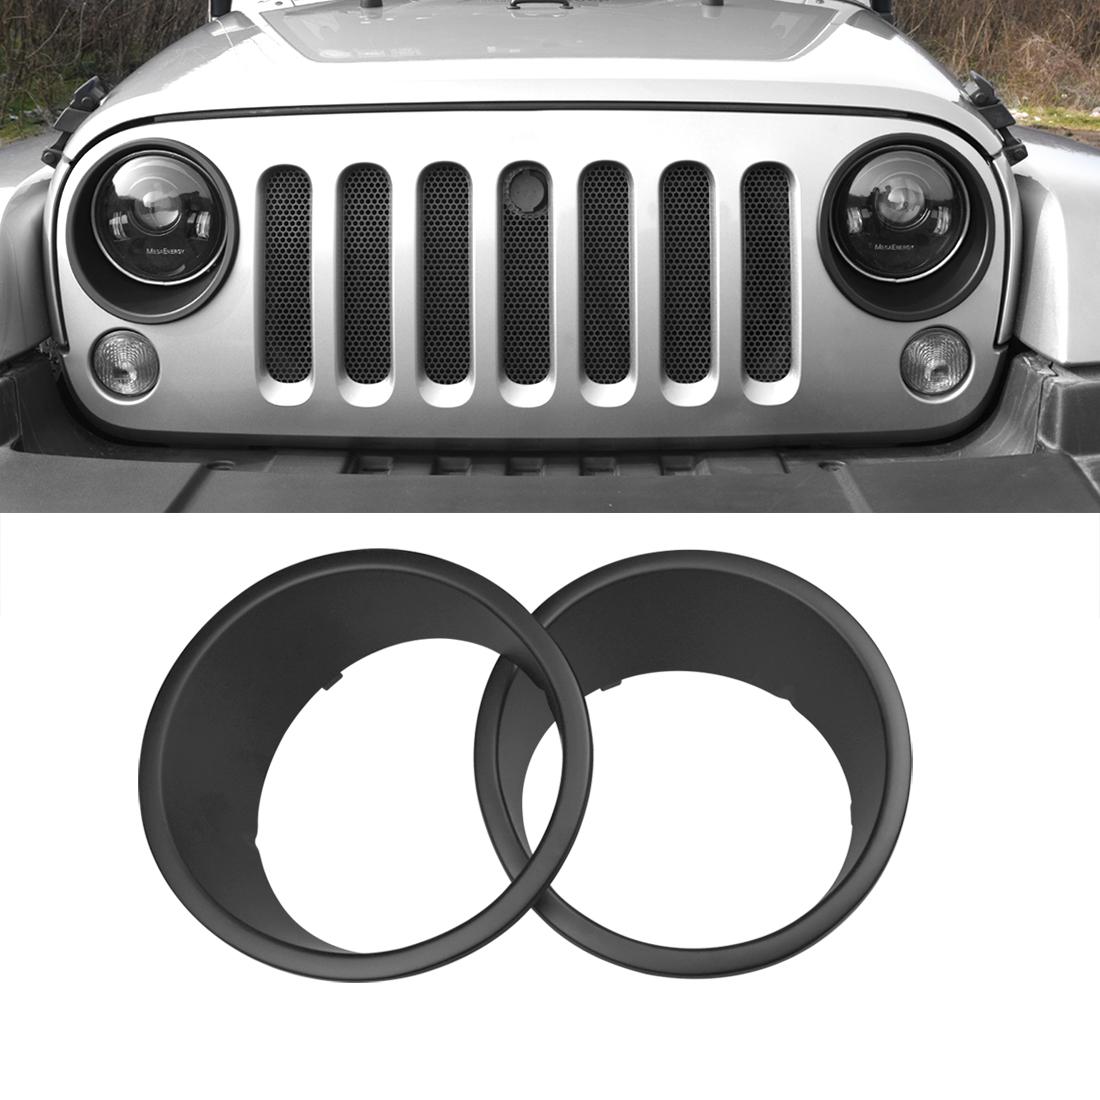 Hooke Road Matte Black Headlight Bezels Headlight Cover Trim for 2007-2018 Jeep Wrangler JK /& Wrangler Unlimited